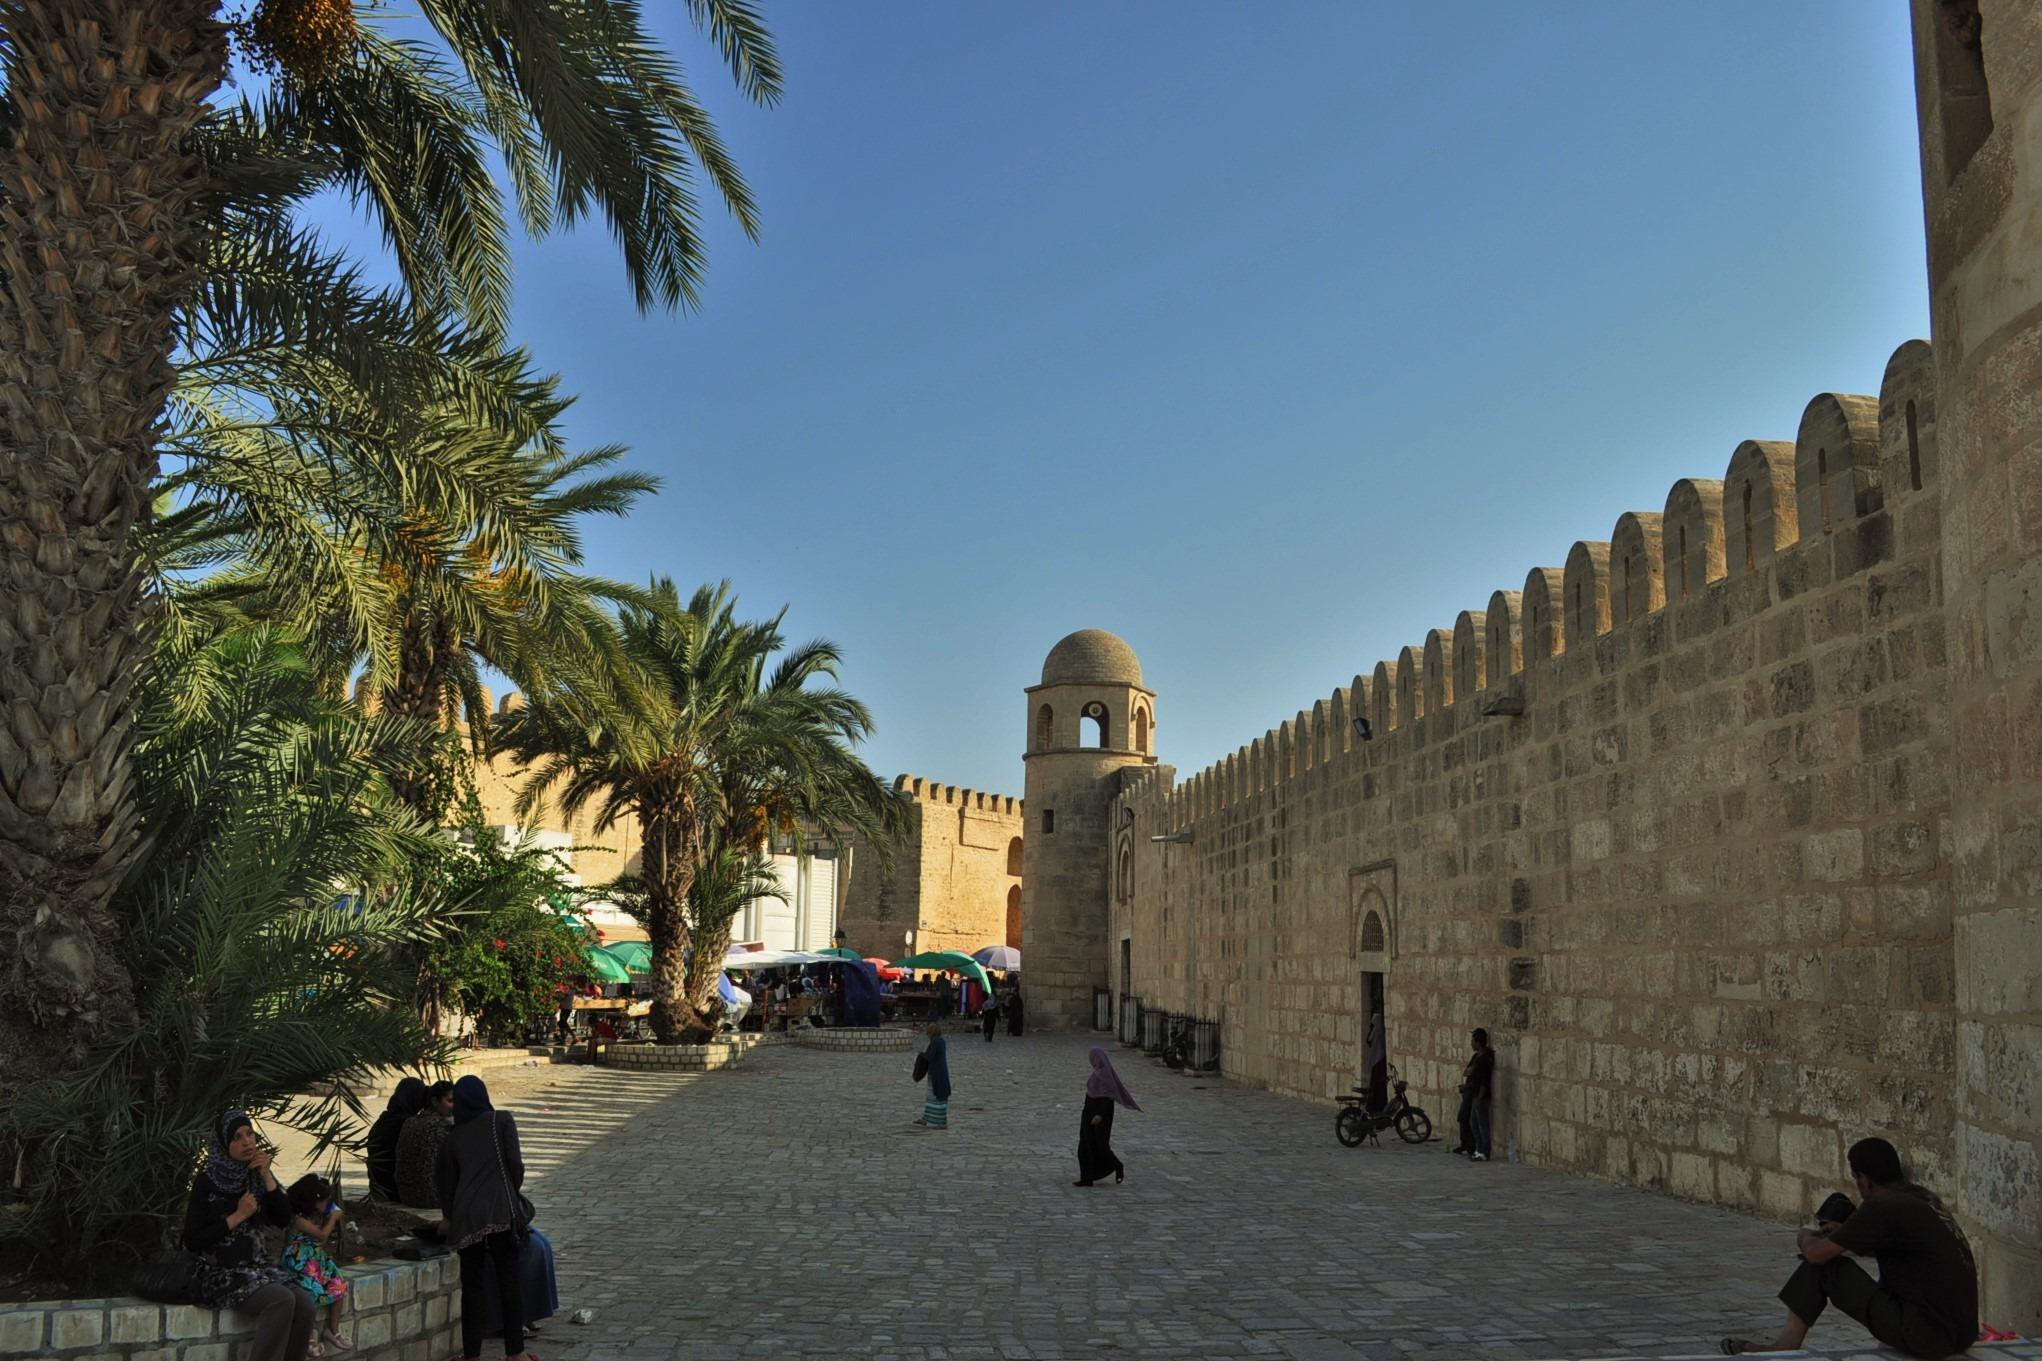 Повечето сгради тук са от средновековието. Тогава исляма се настанява по тези земи